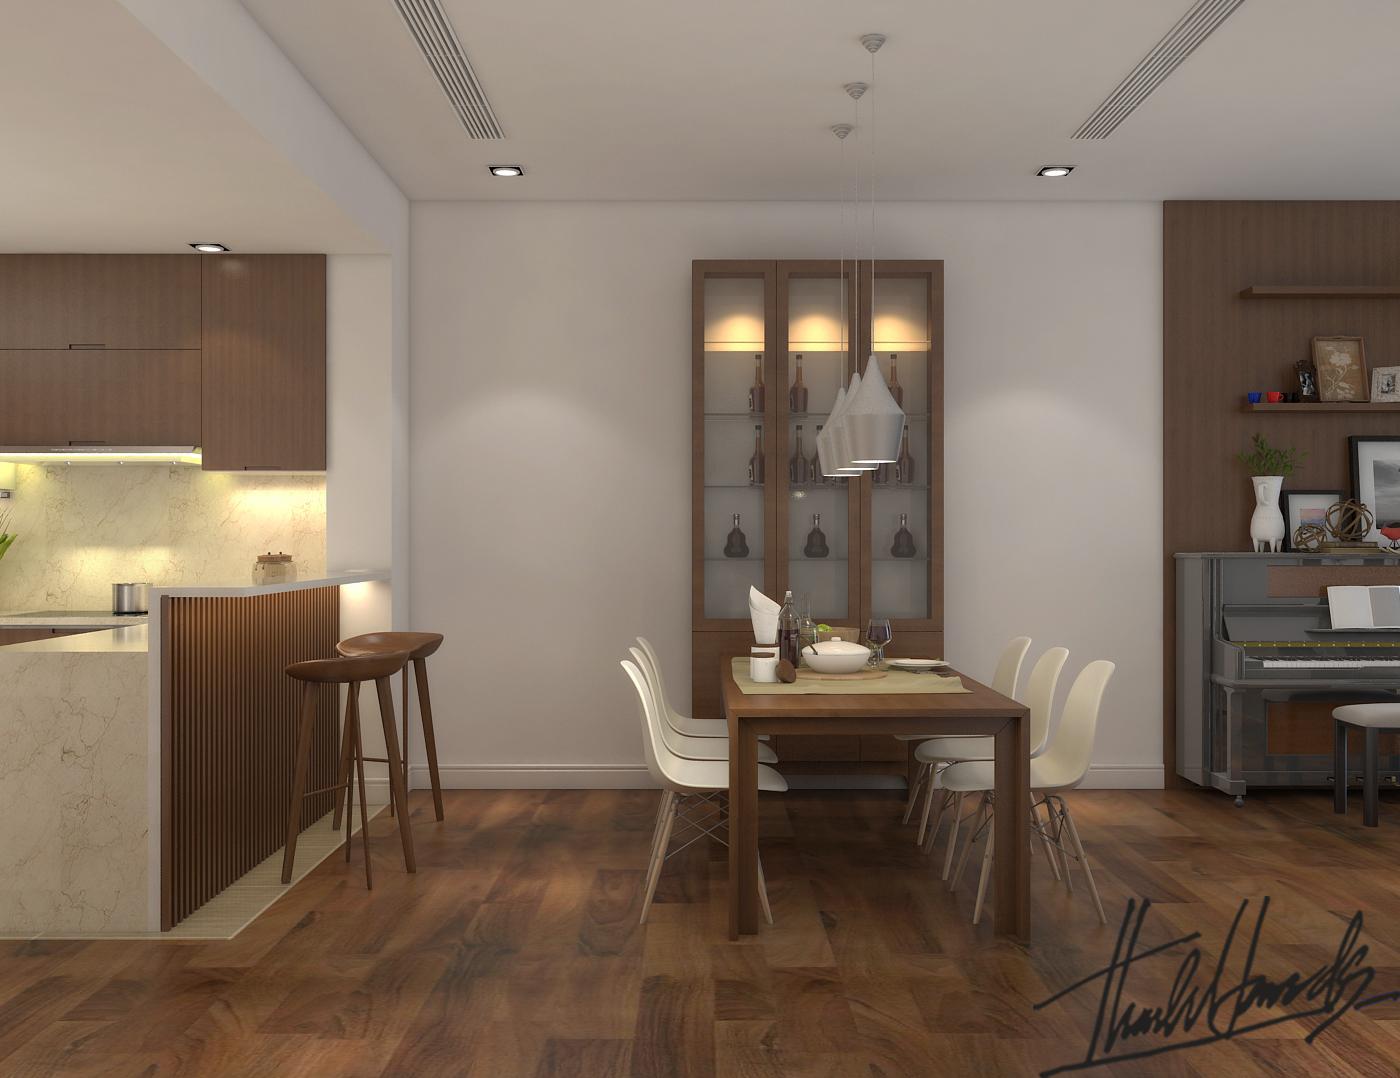 thiết kế nội thất chung cư tại Hà Nội chung cư roya city 7 1568274324